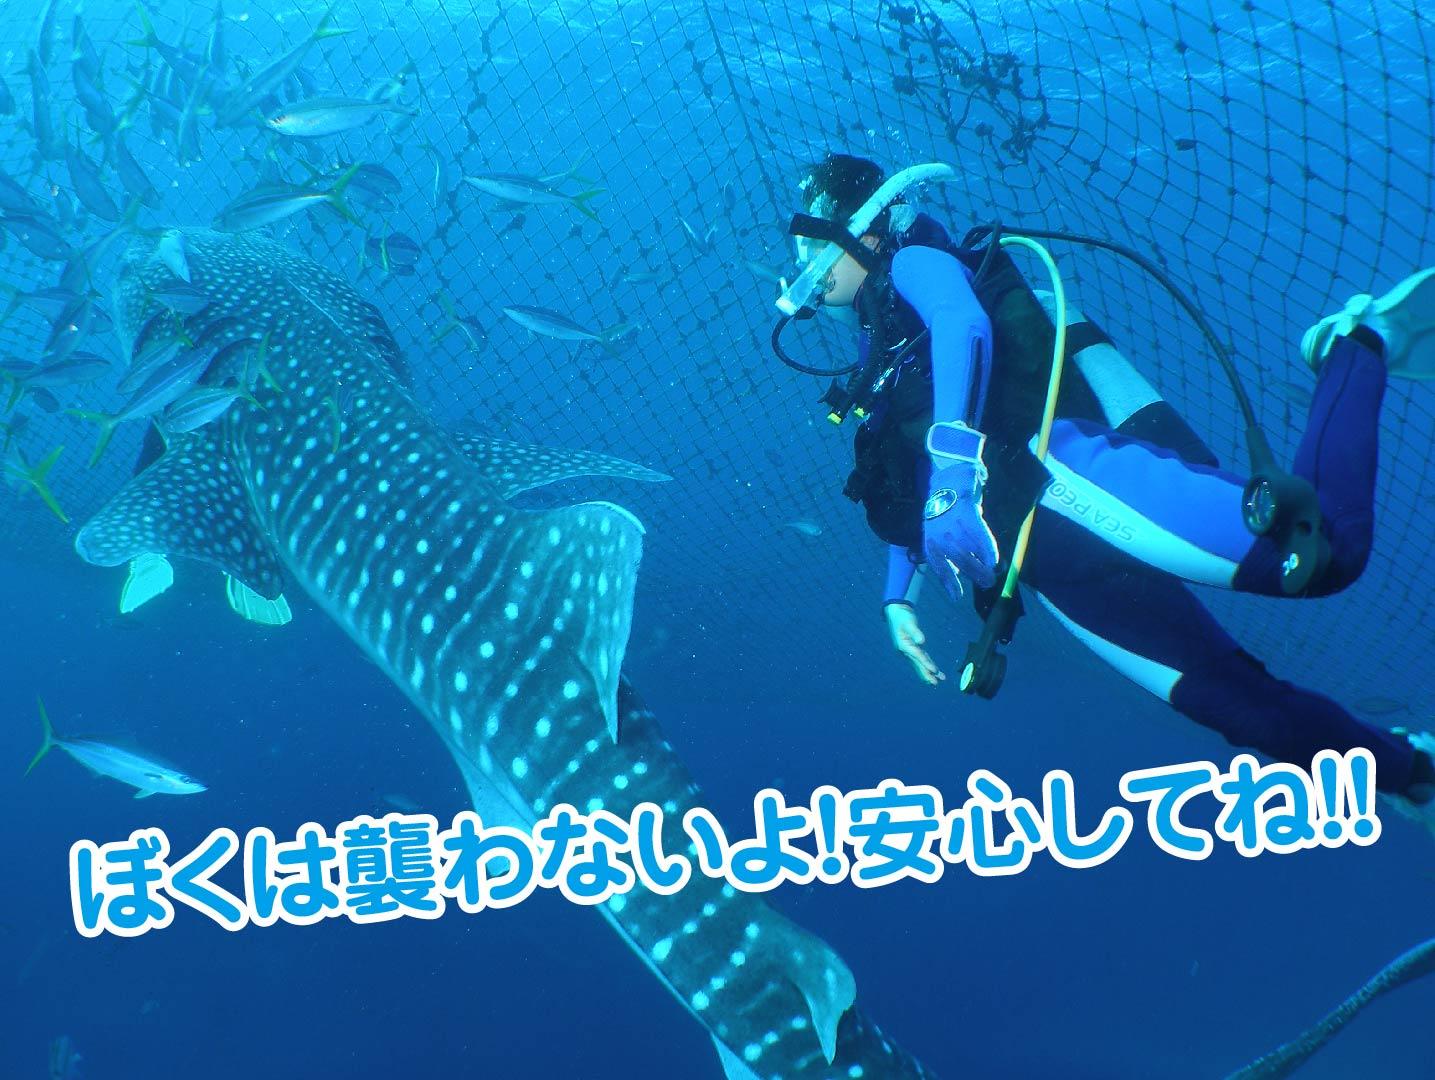 ジンベエザメは襲わない-01